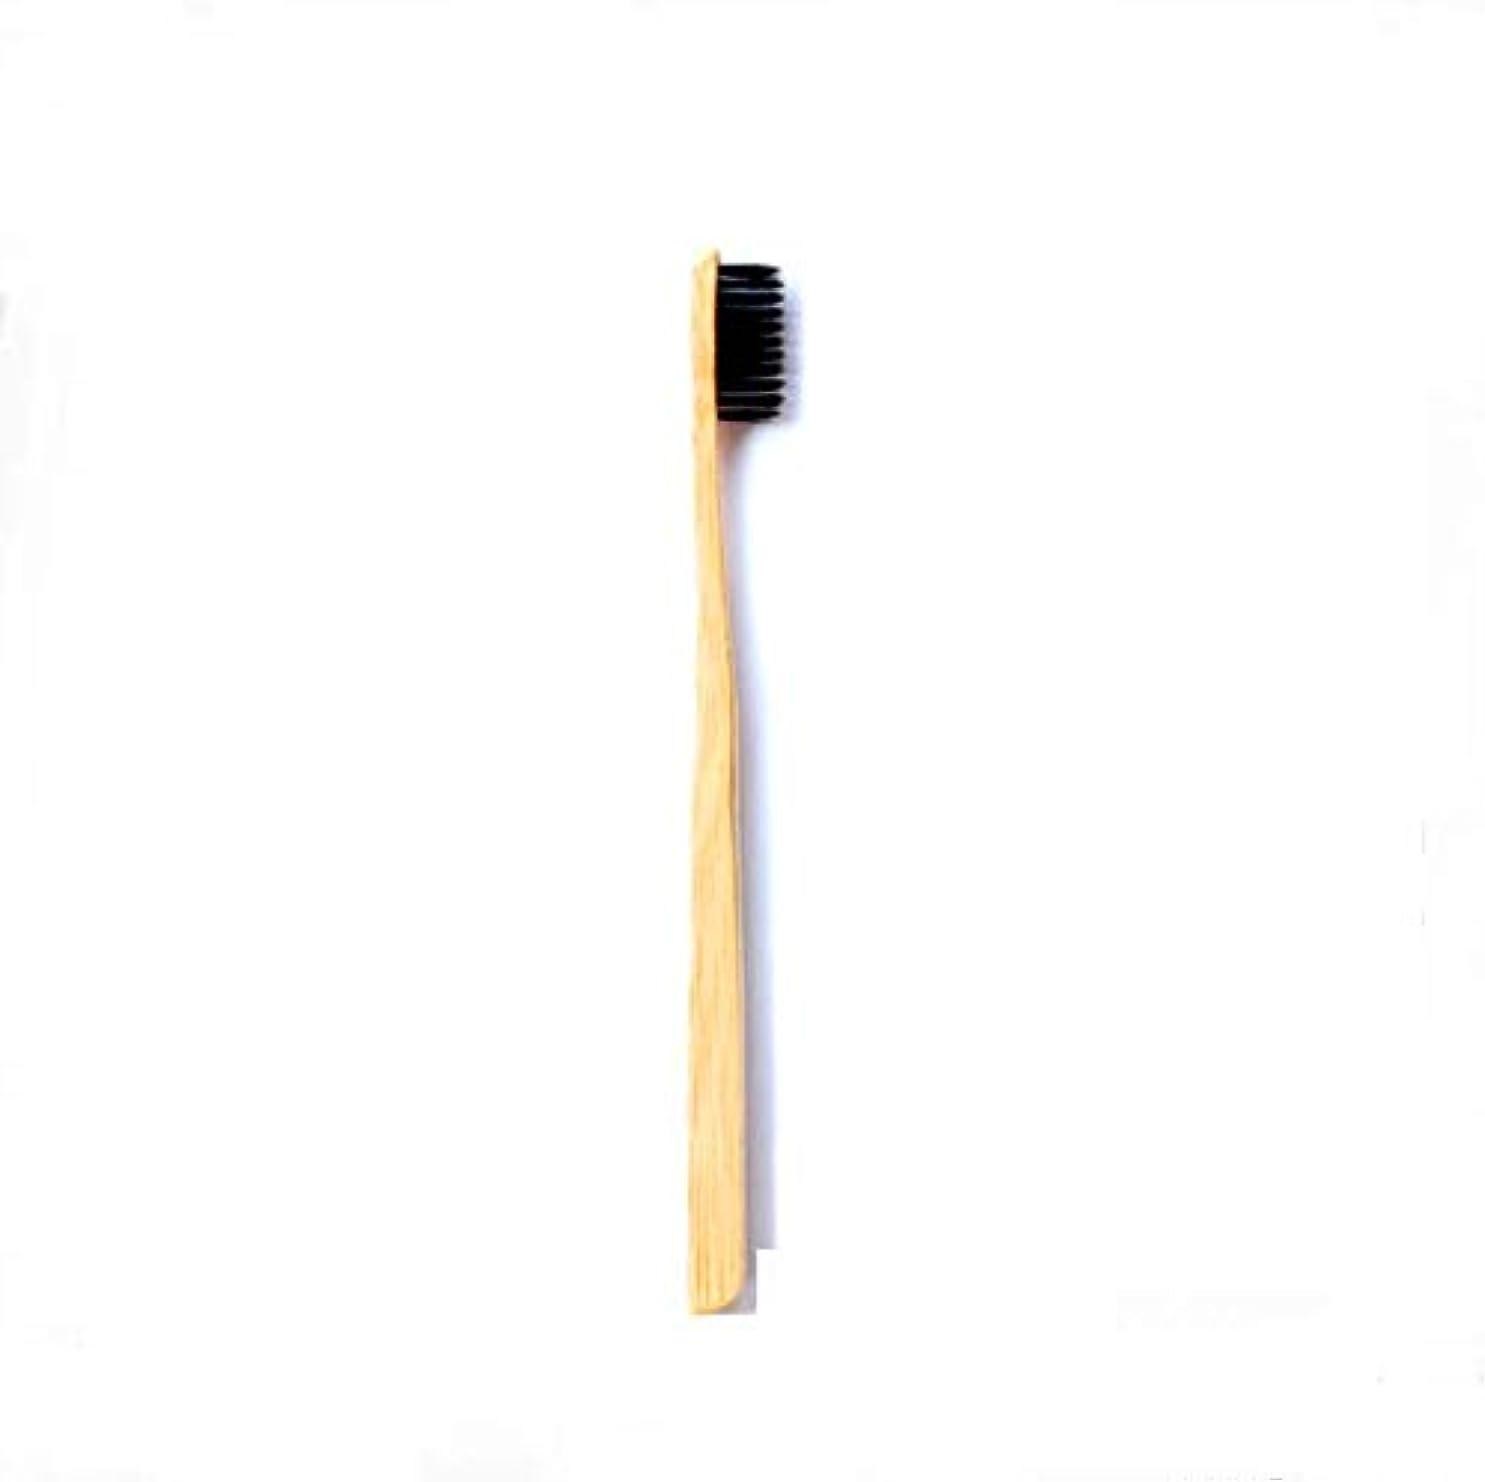 インタビューいくつかのシャープ柔らかい毛が付いている5Pcs 竹の歯ブラシの有機性環境に優しい自然な竹の歯ブラシ